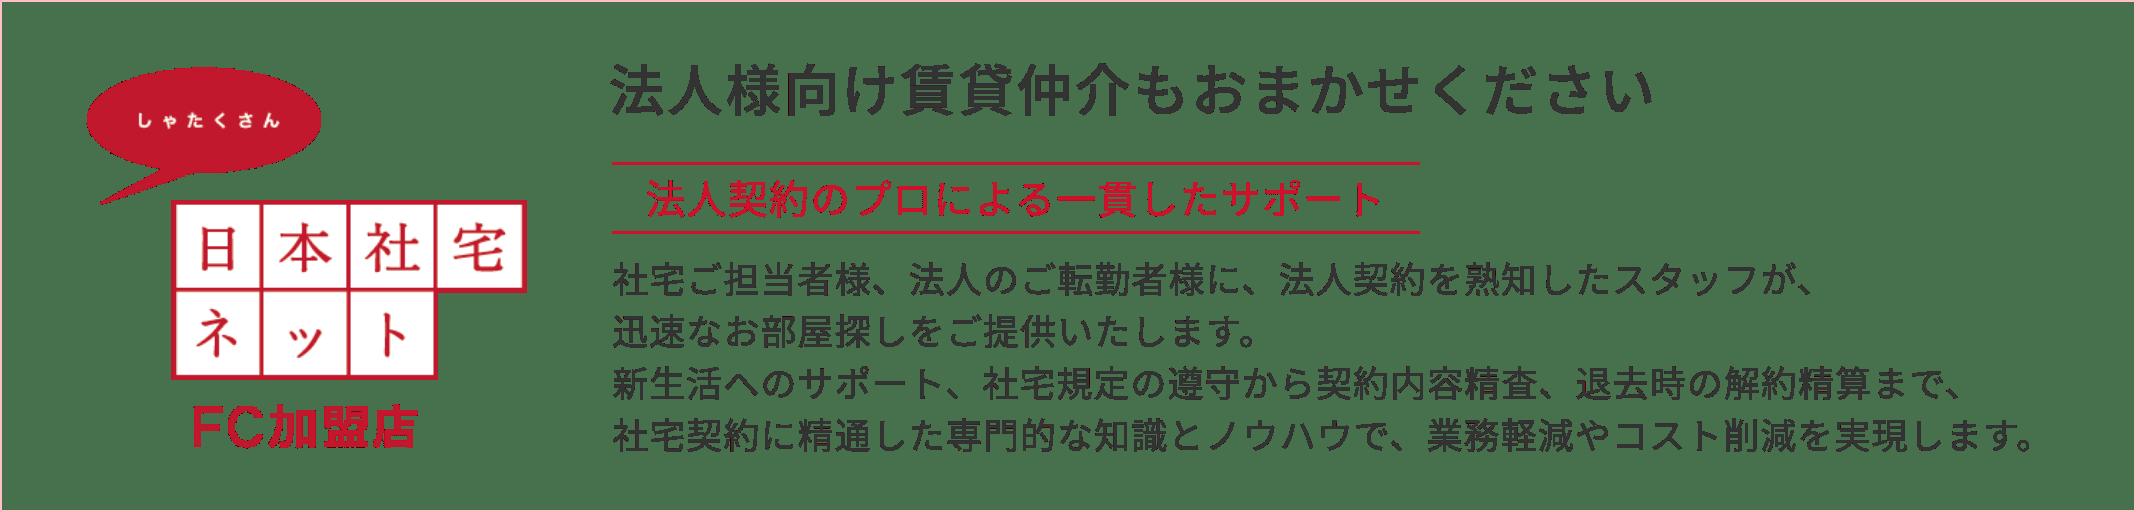 ダイキチは日本社宅ネットFC加盟店です